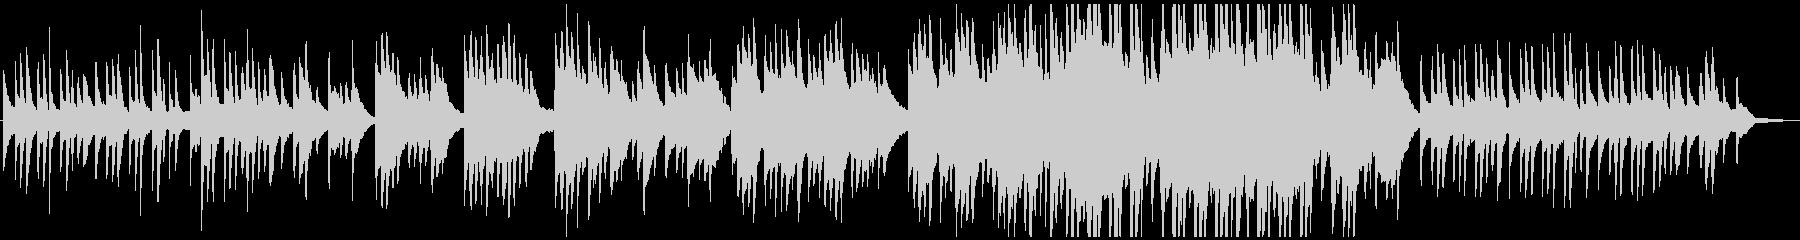 ゆったりとした切ない和風ピアノバラード曲の未再生の波形